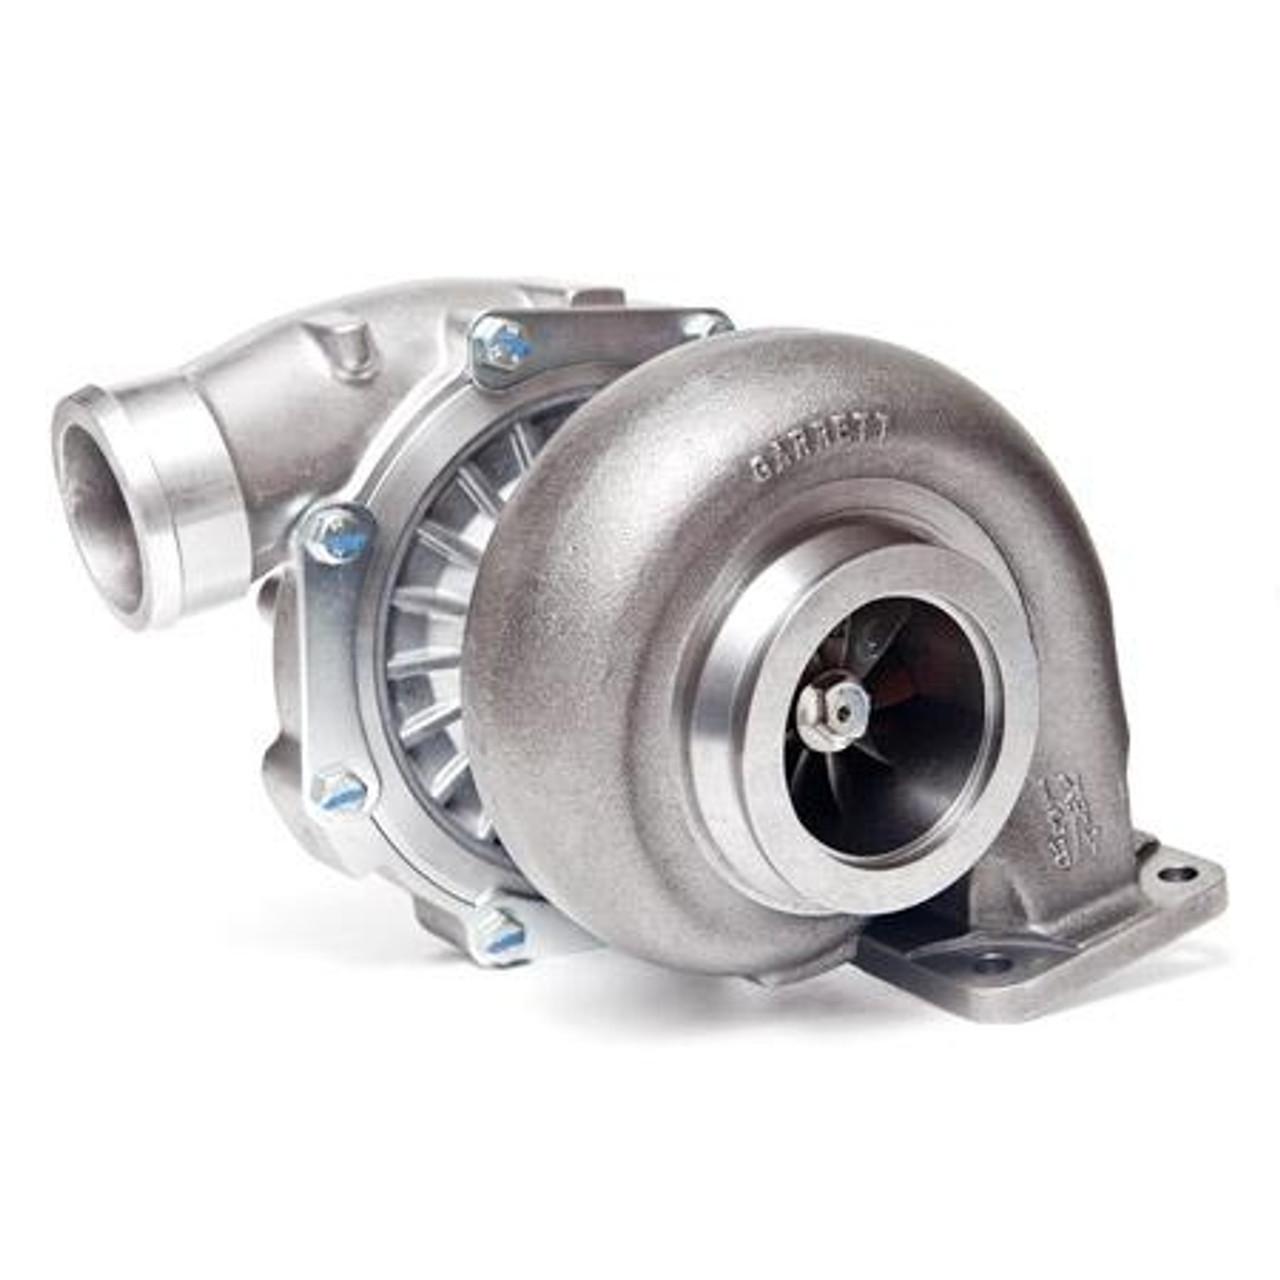 ATV/UTV, Side By Side - ▻Polaris - 2011 - RZR 800 - Turbo